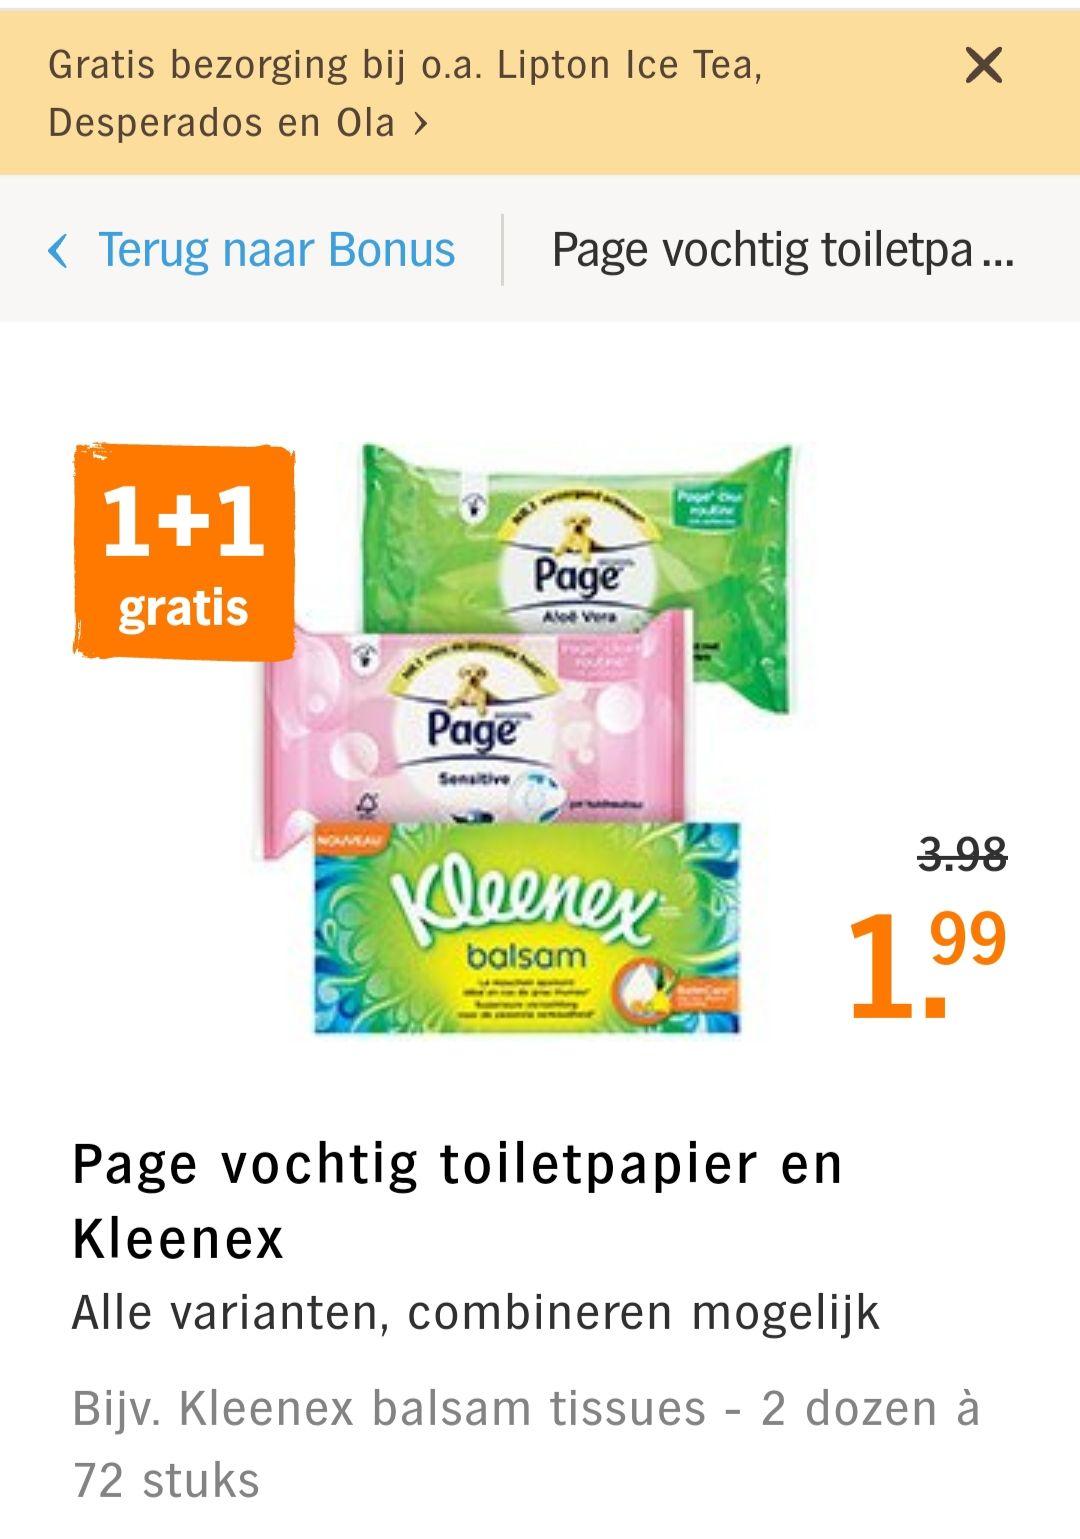 Kleenex tissues & Page vochtig Toiletpapier 1+1